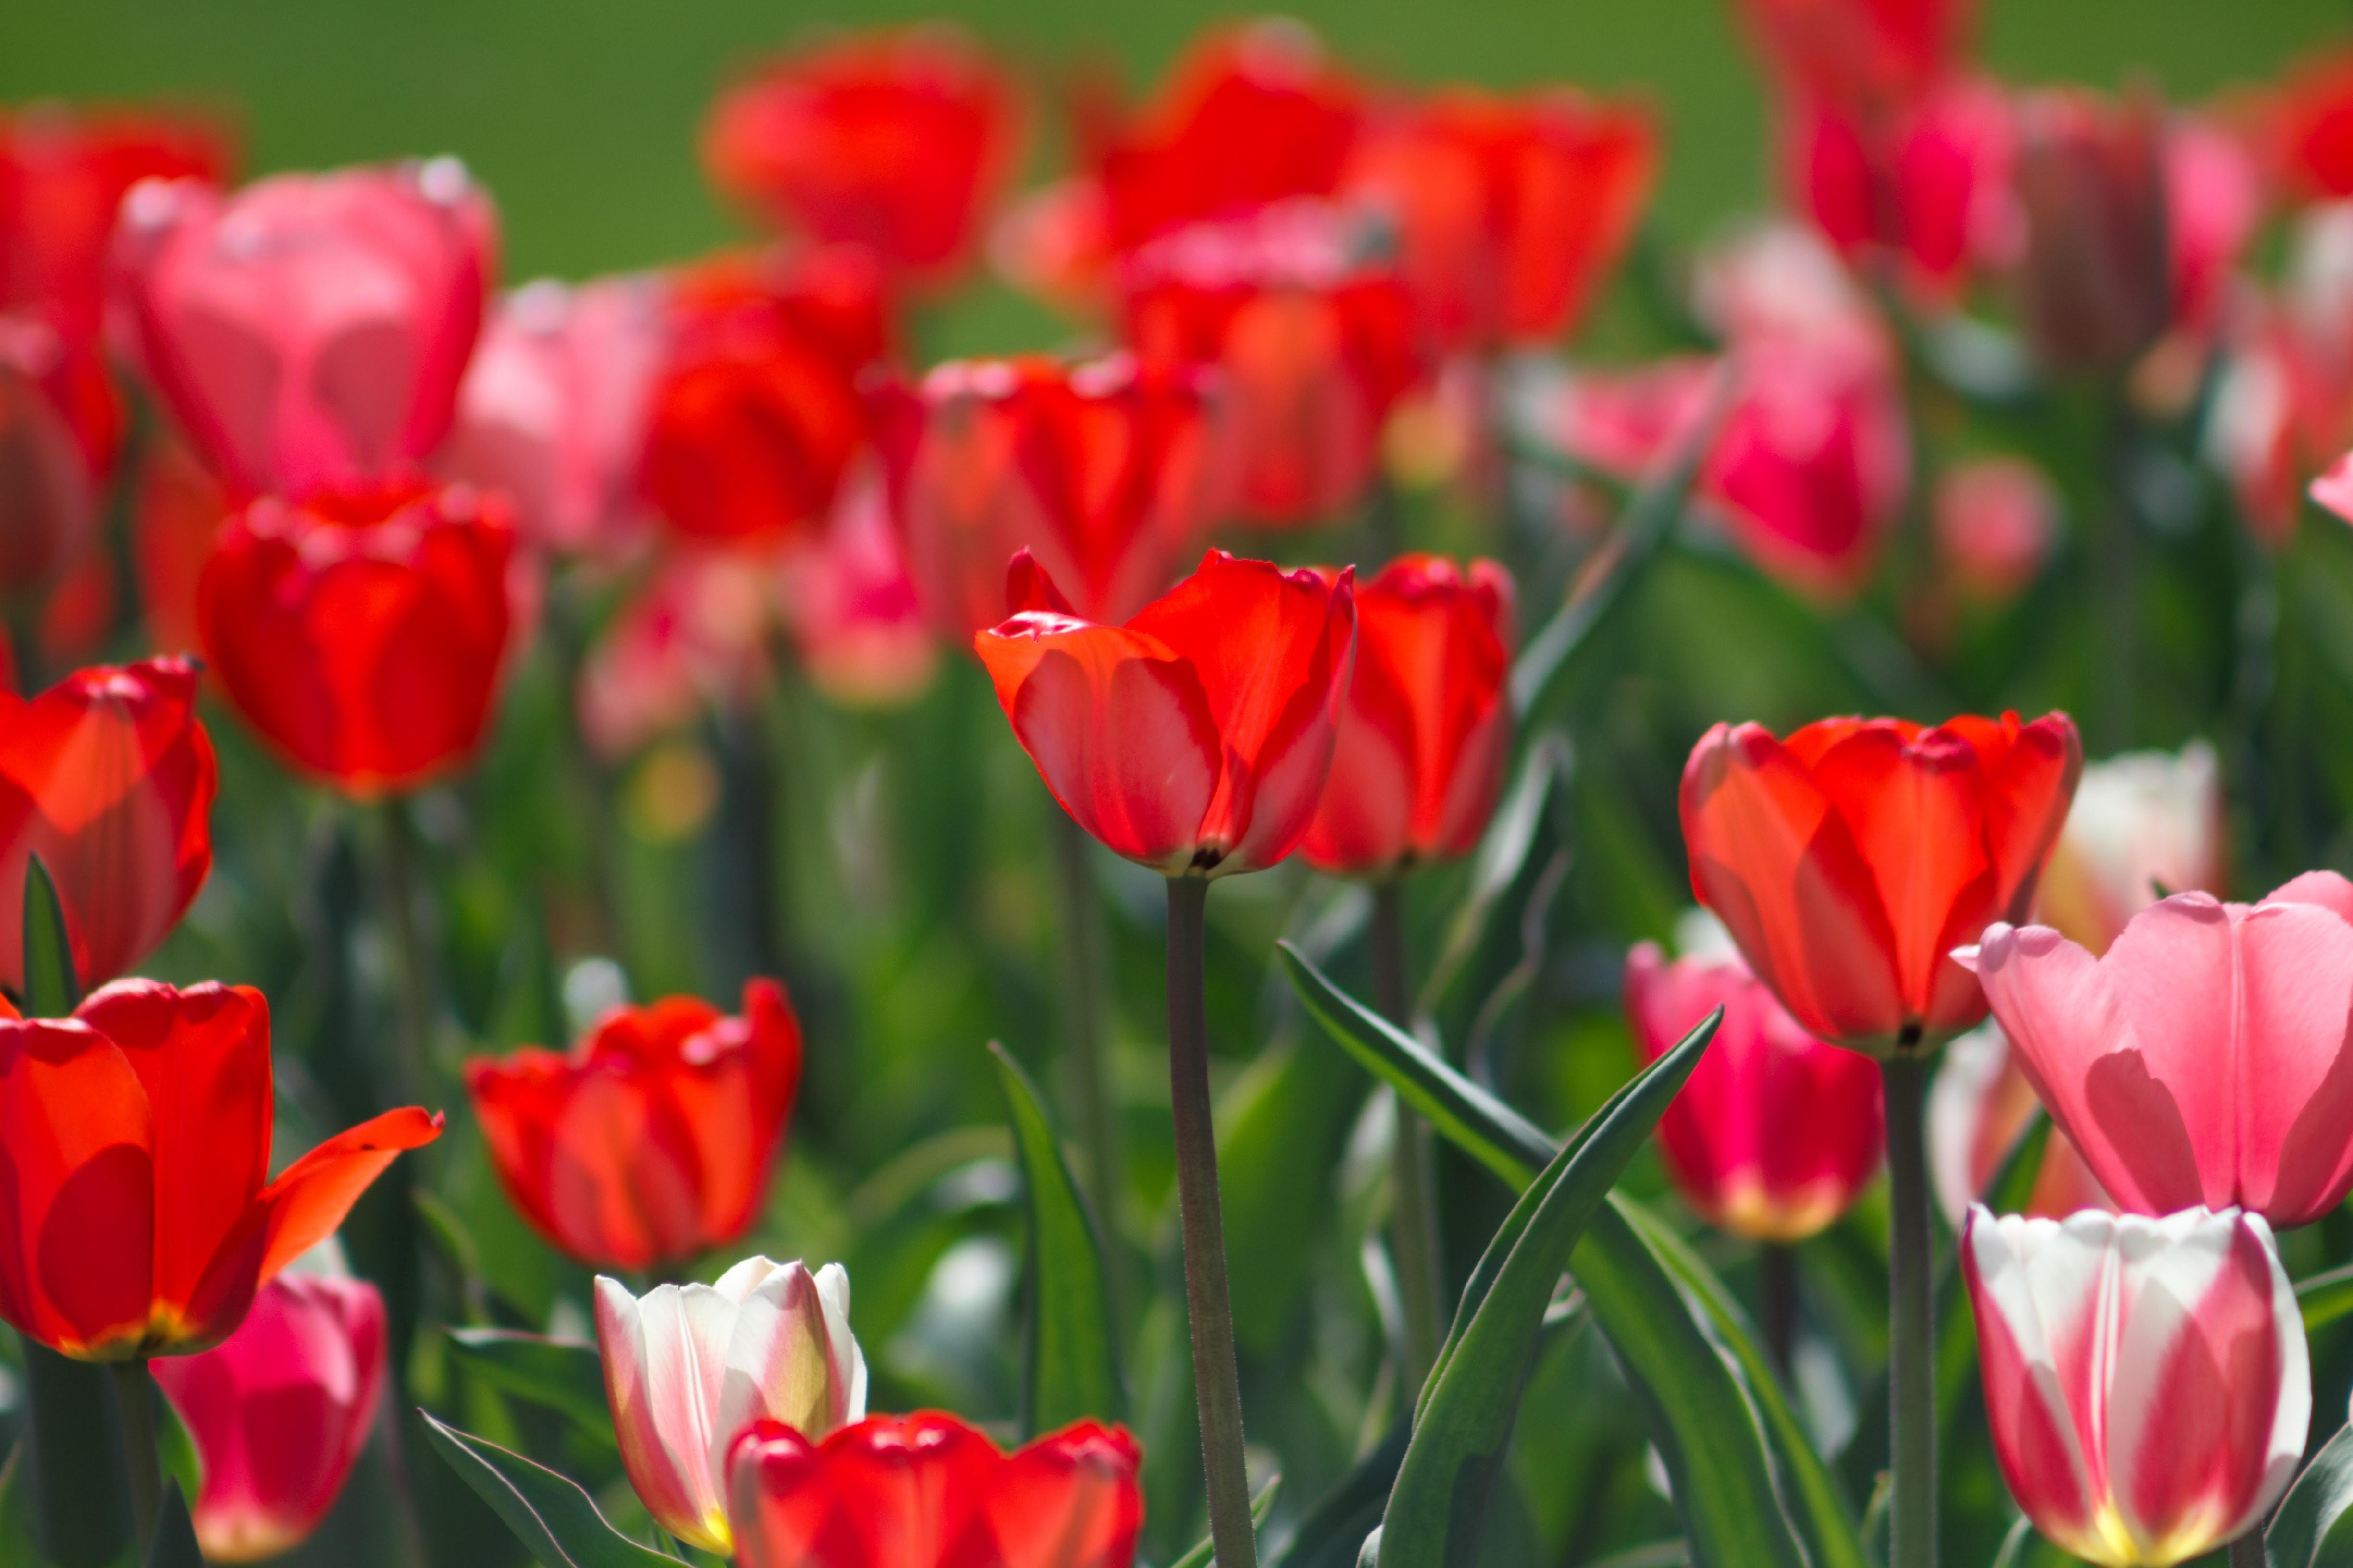 Seasonal tulip flowers in full bloom with green stems in Spring, Logan Utah Temple